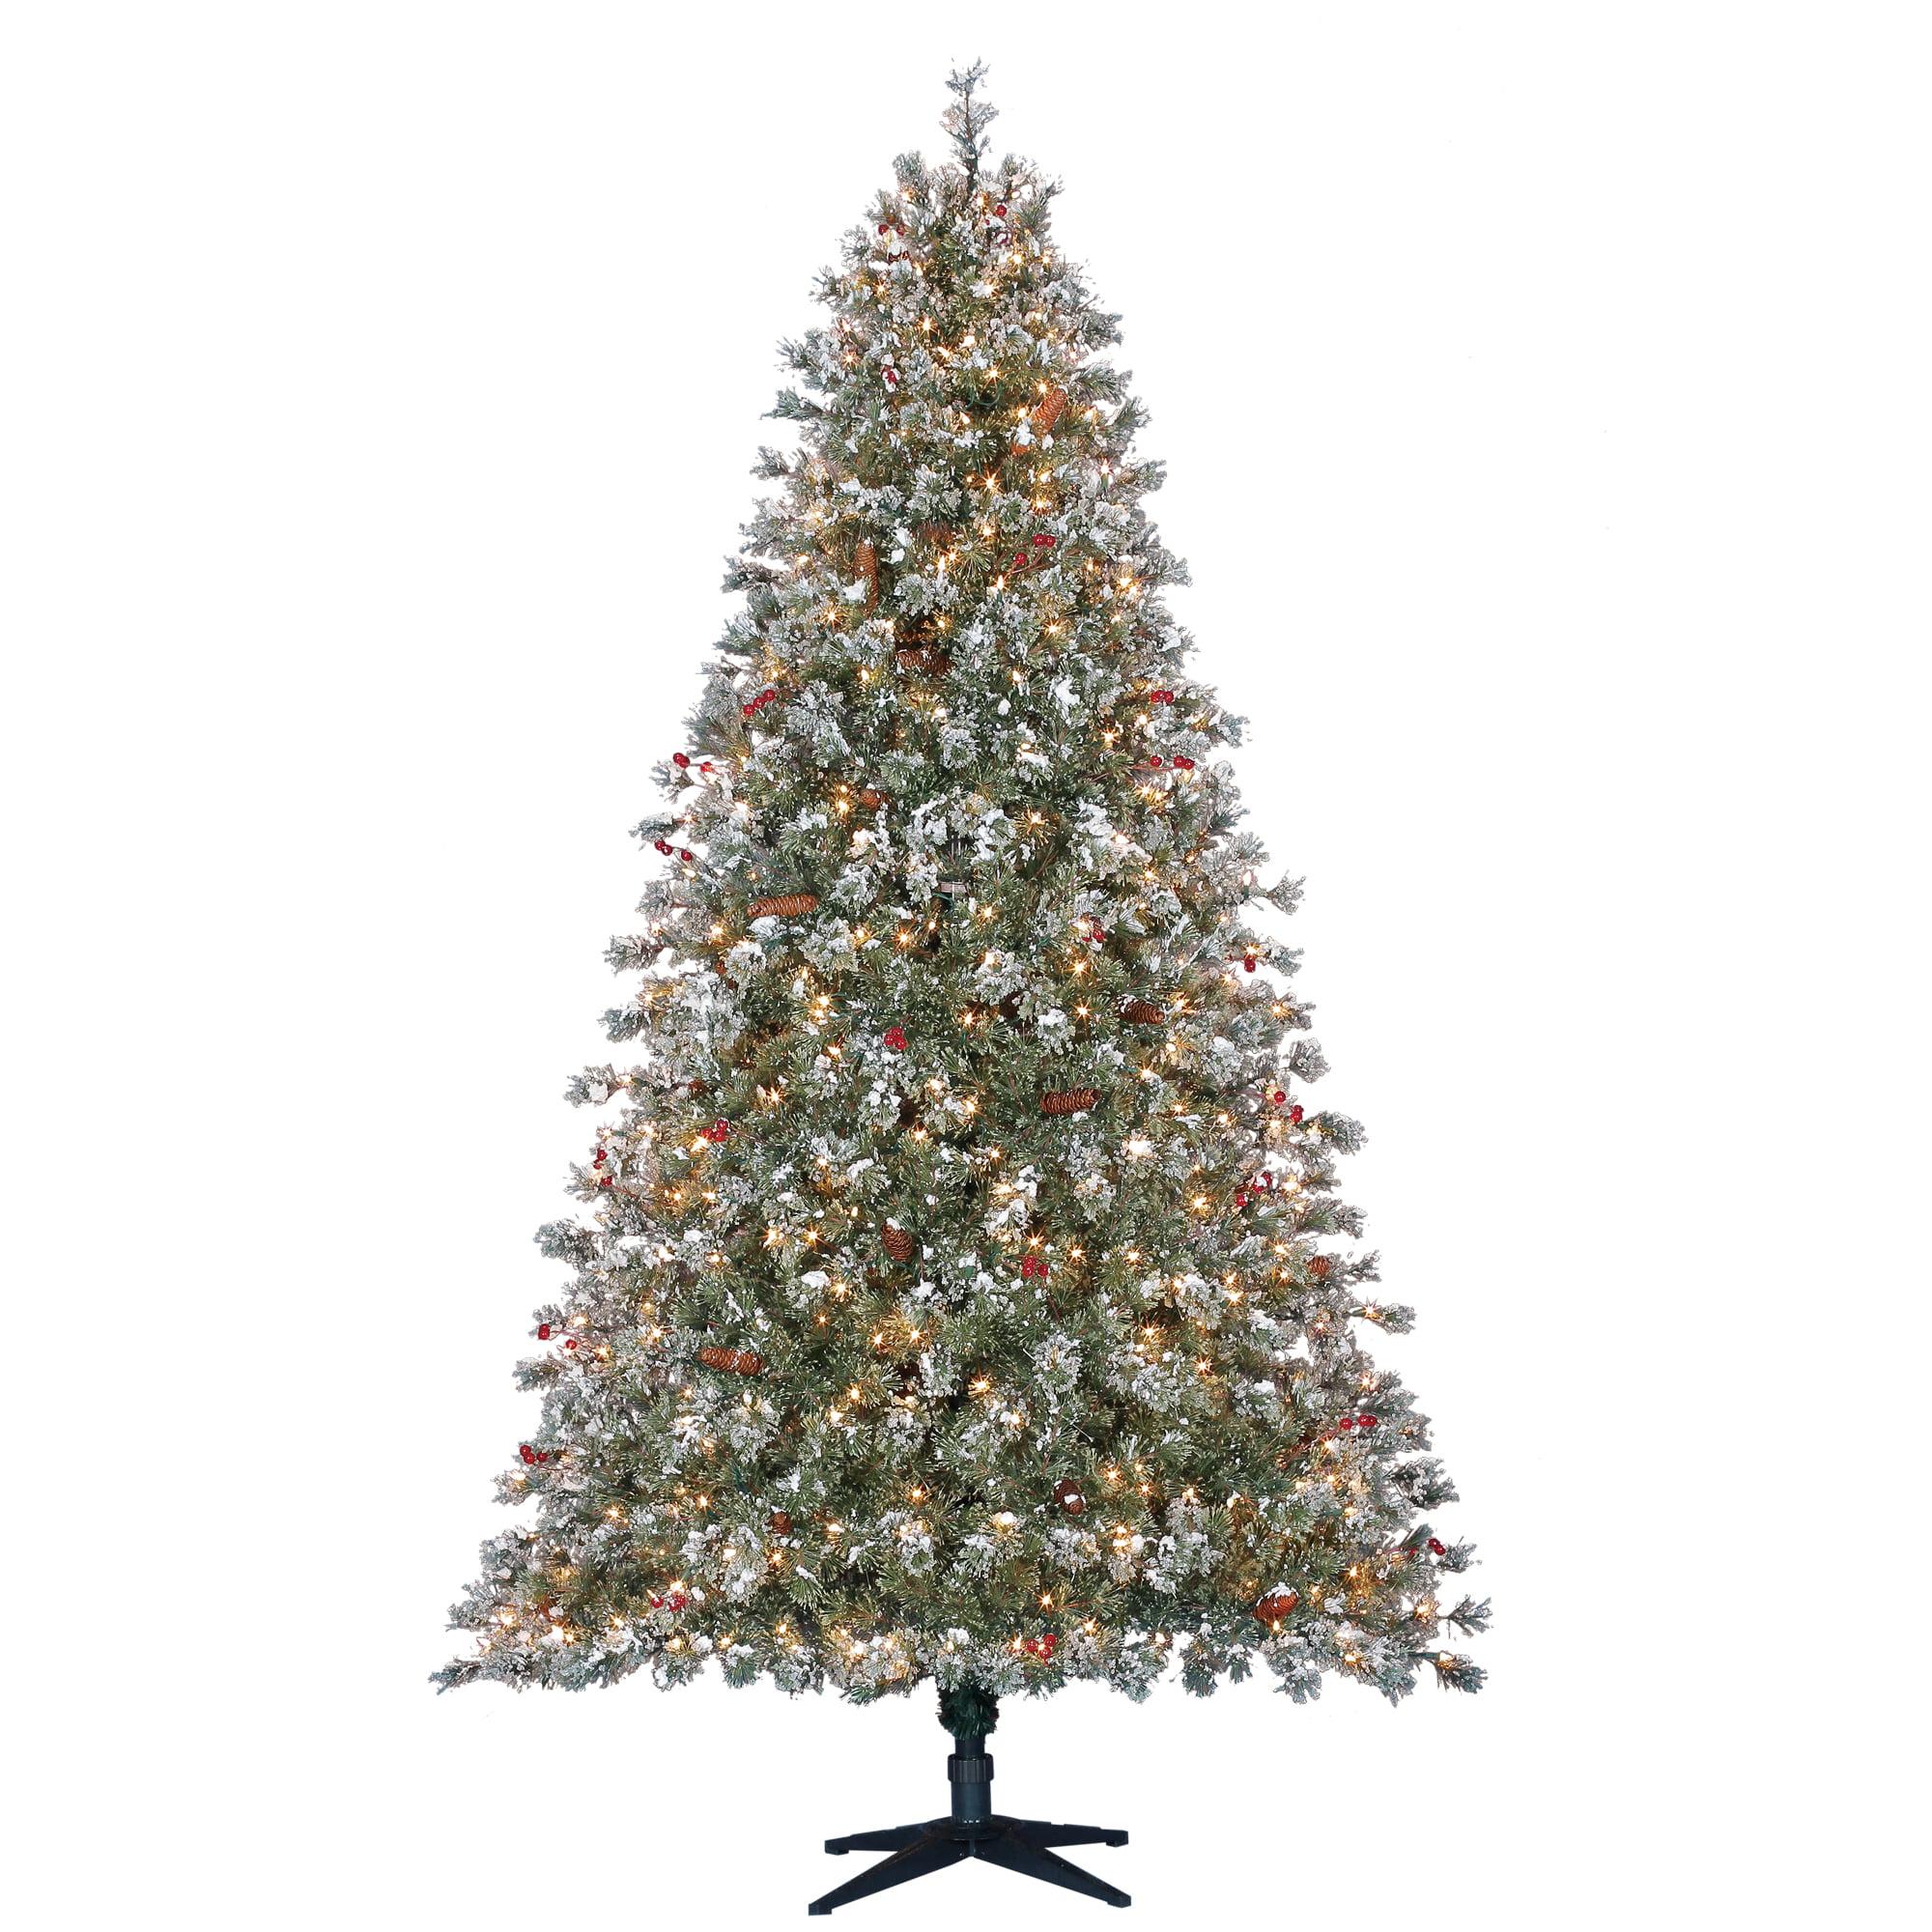 Holiday Time Prelit Fir Christmas Tree 7.5 ft, Green ...